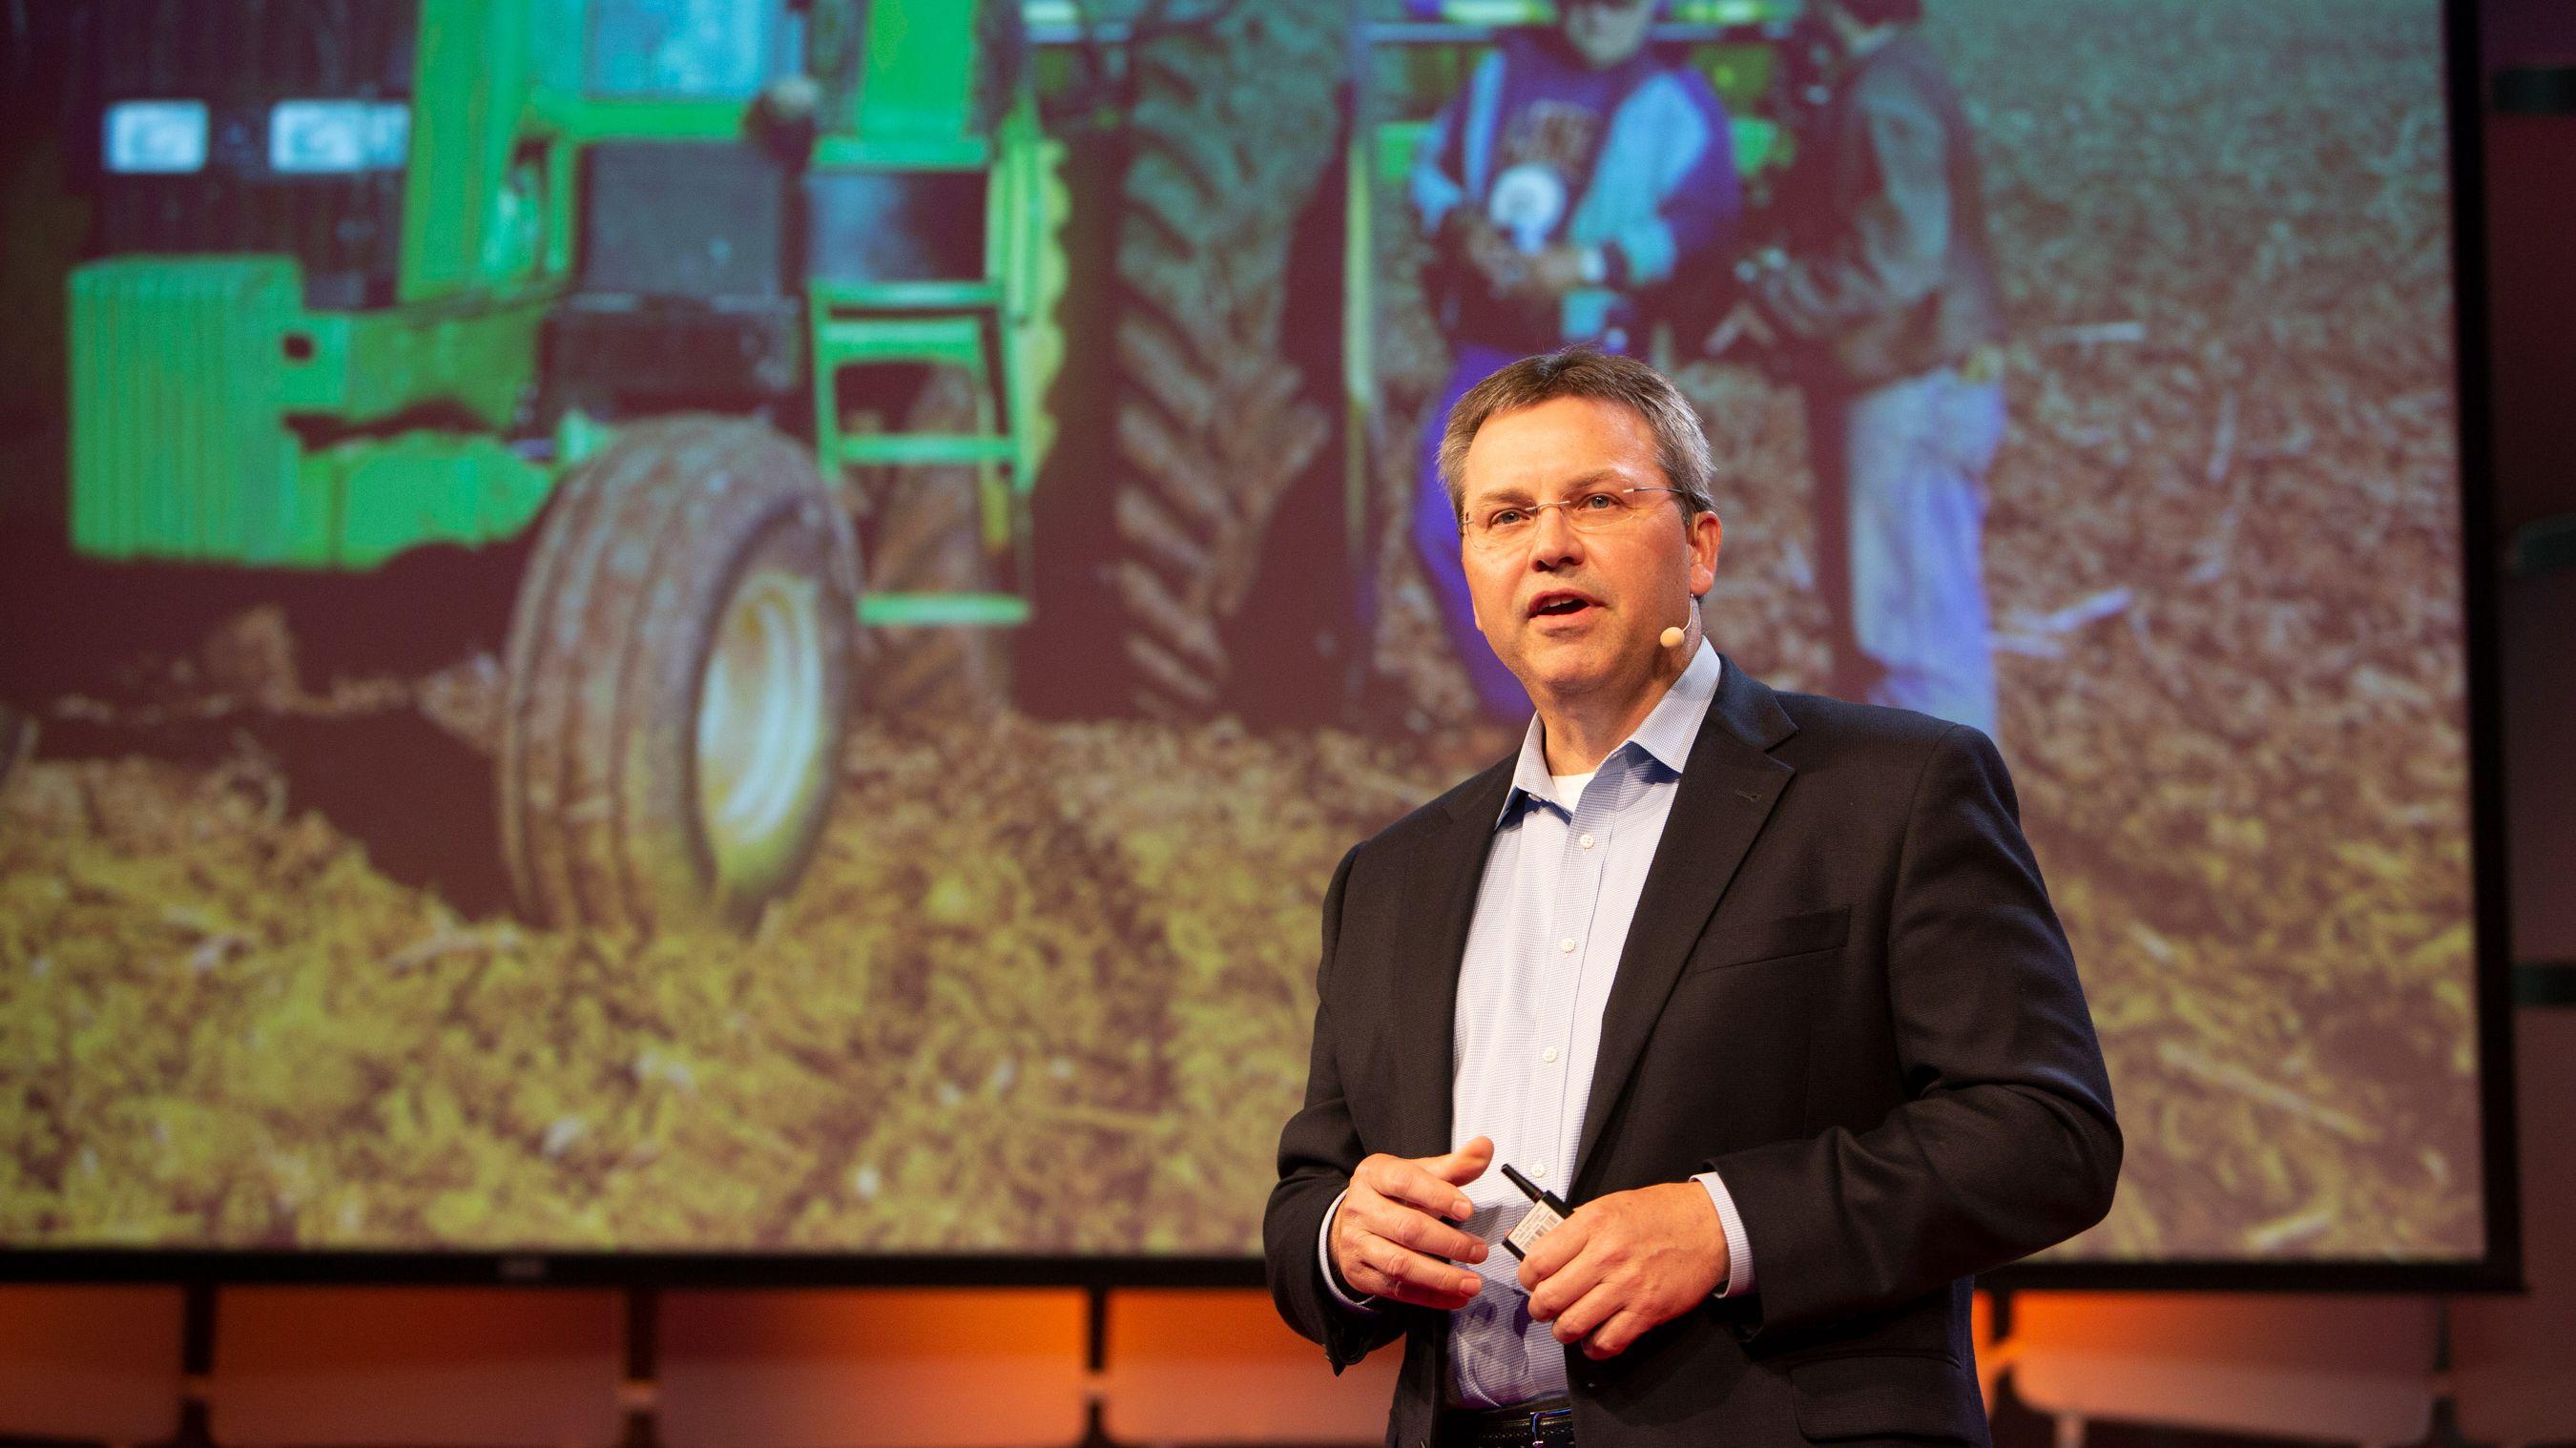 品種や肥料をソフトが助言——元グーグル社員が描く農業IoTの未来